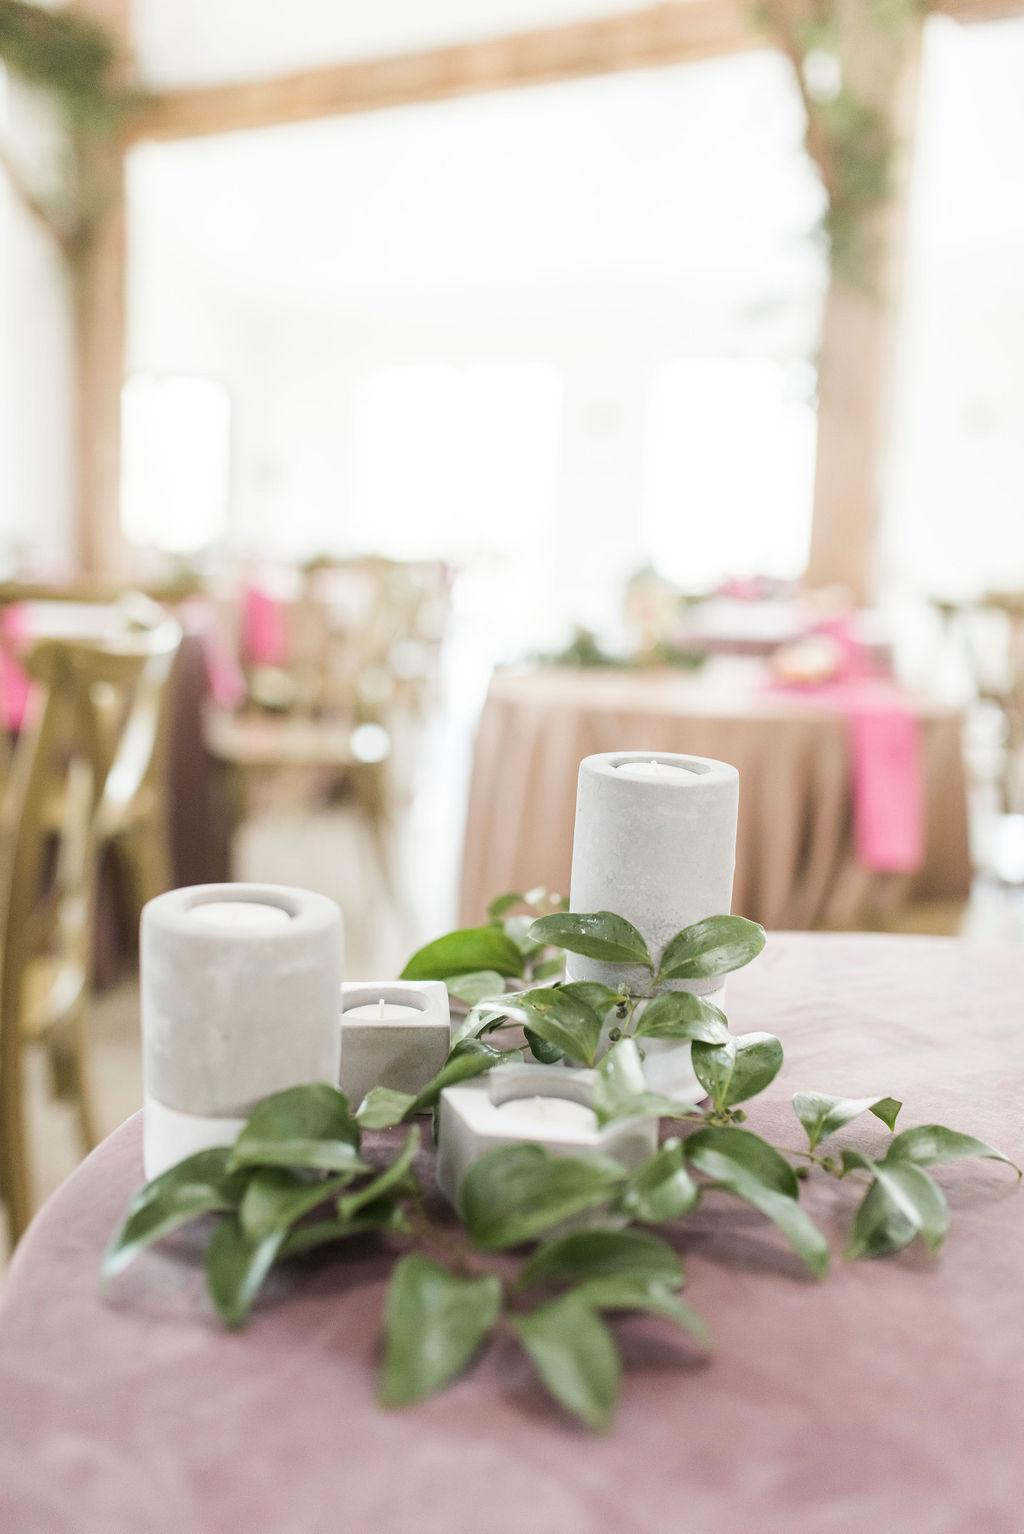 CONCRETE VOTIVE CENTERPIECE MODERN INDUSTRIAL WEDDING INSPIRATION COLLEGE STATION PLANNER EPOCH CO